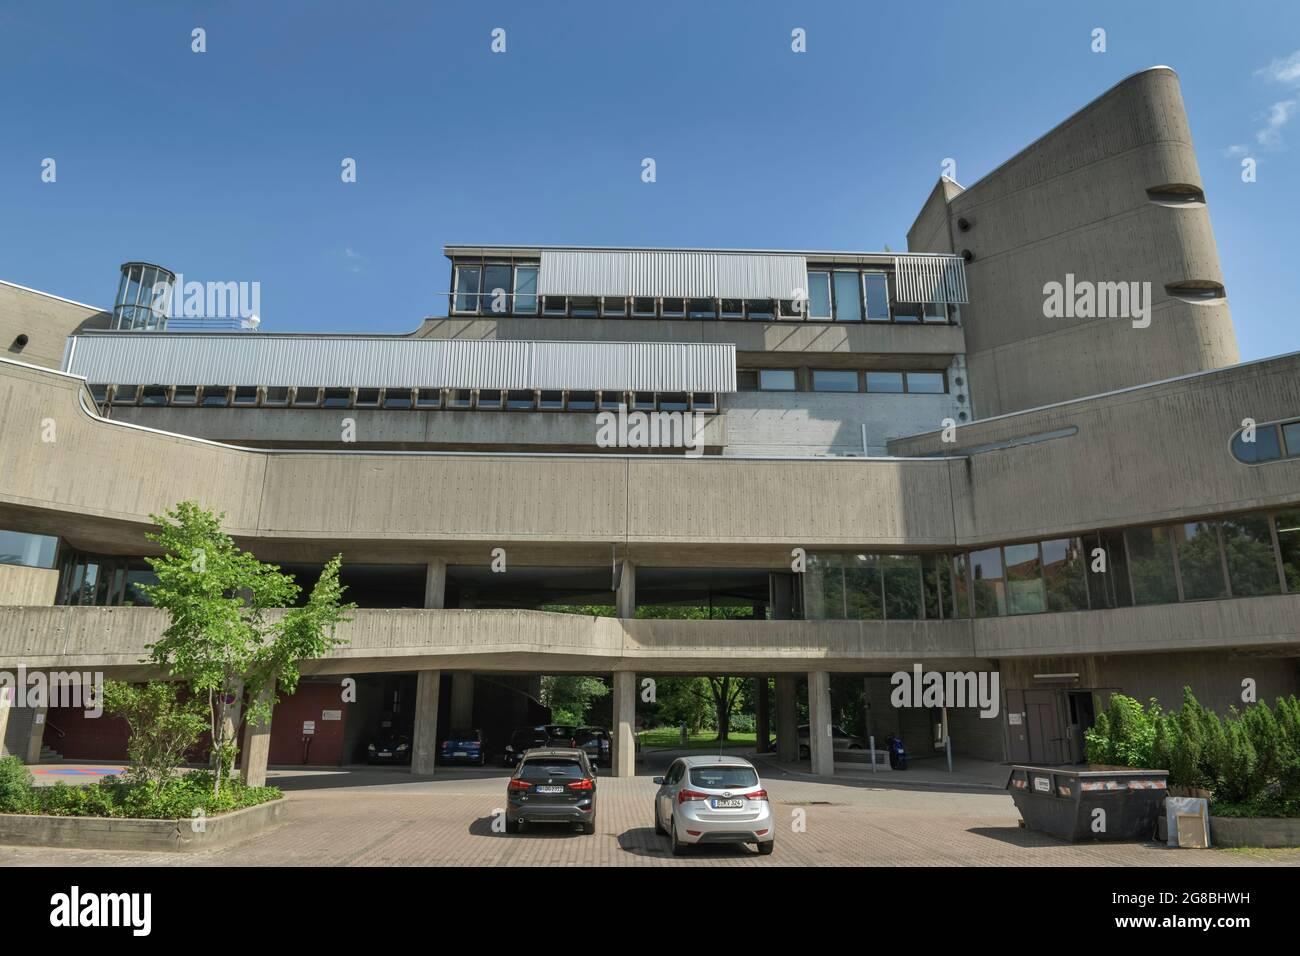 Charite, Institut für Hygiene und Umweltmedizin, Hindenburgdamm, Lichterfelde, Berlin, Allemagne Banque D'Images